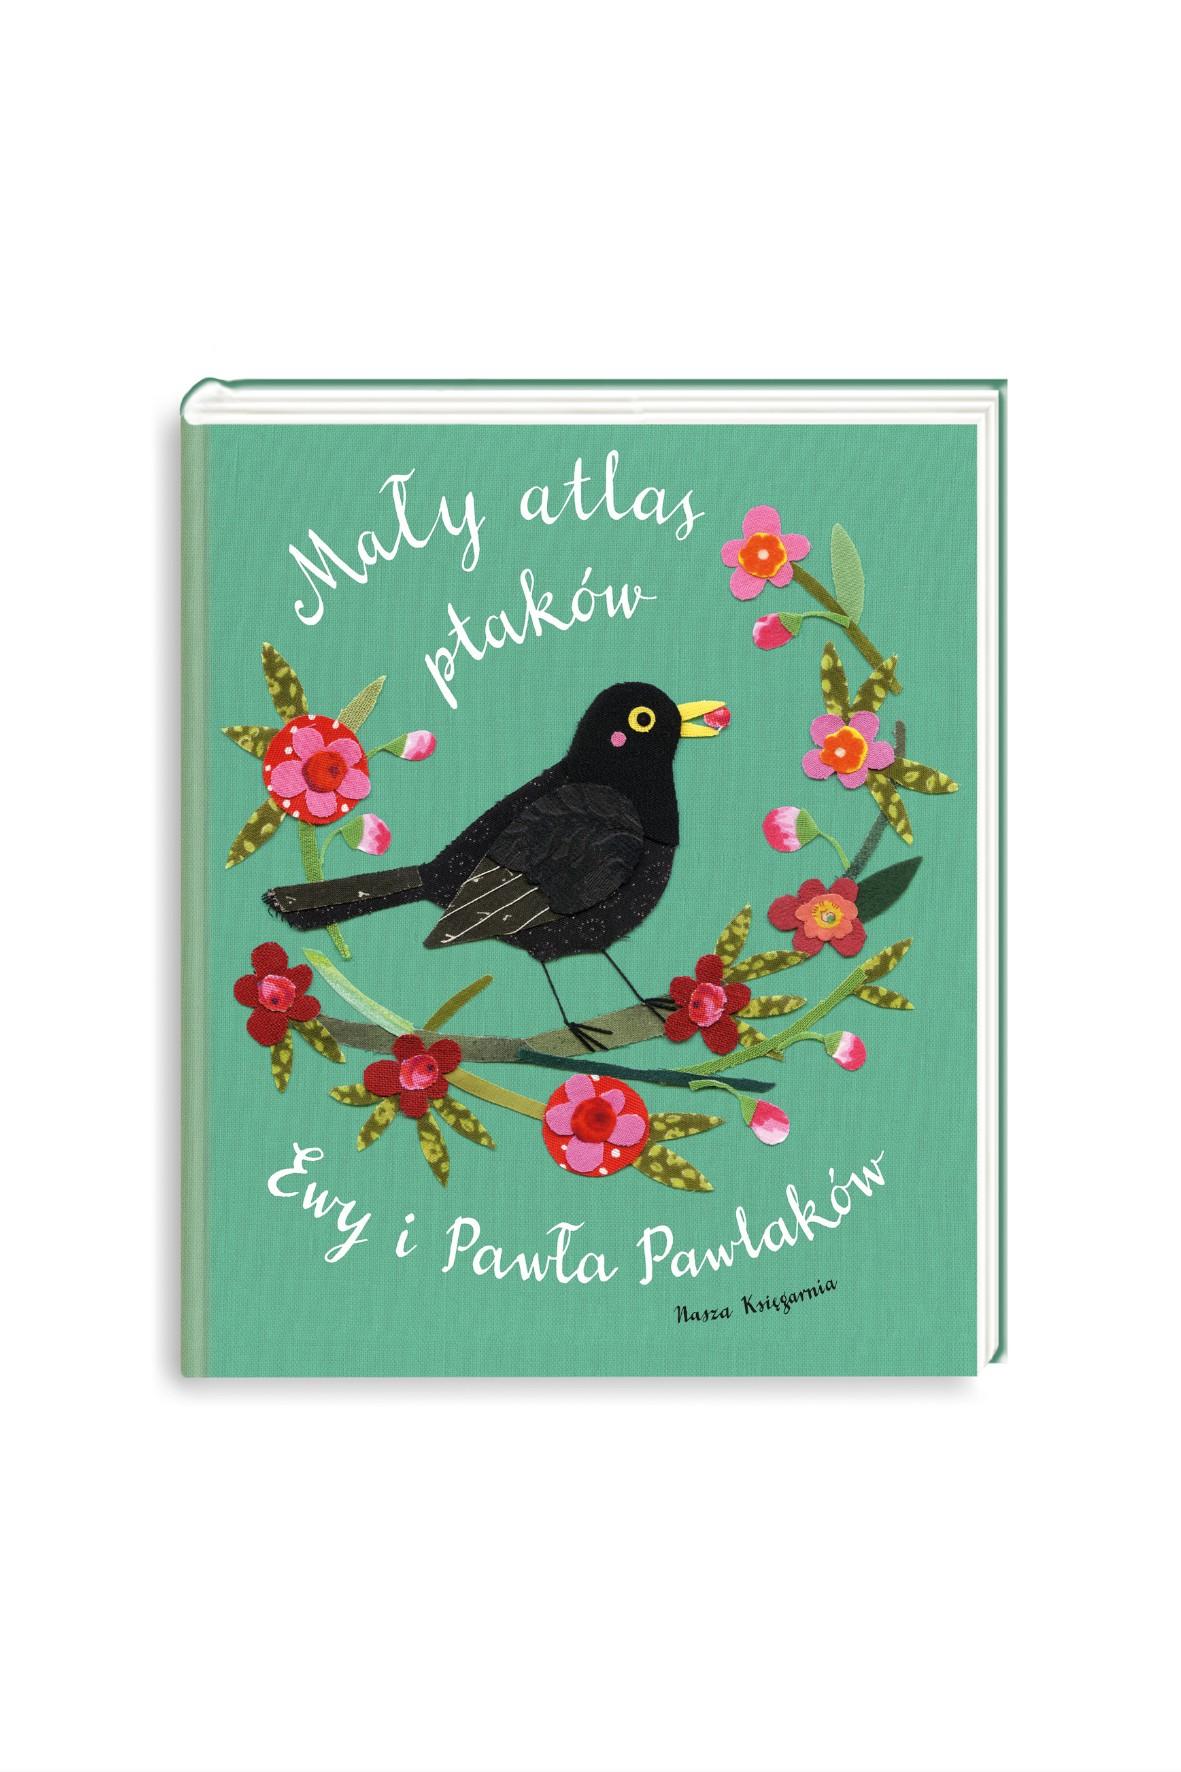 Mały atlas ptaków Ewy i Pawła Pawlaków- książka dla dzieci